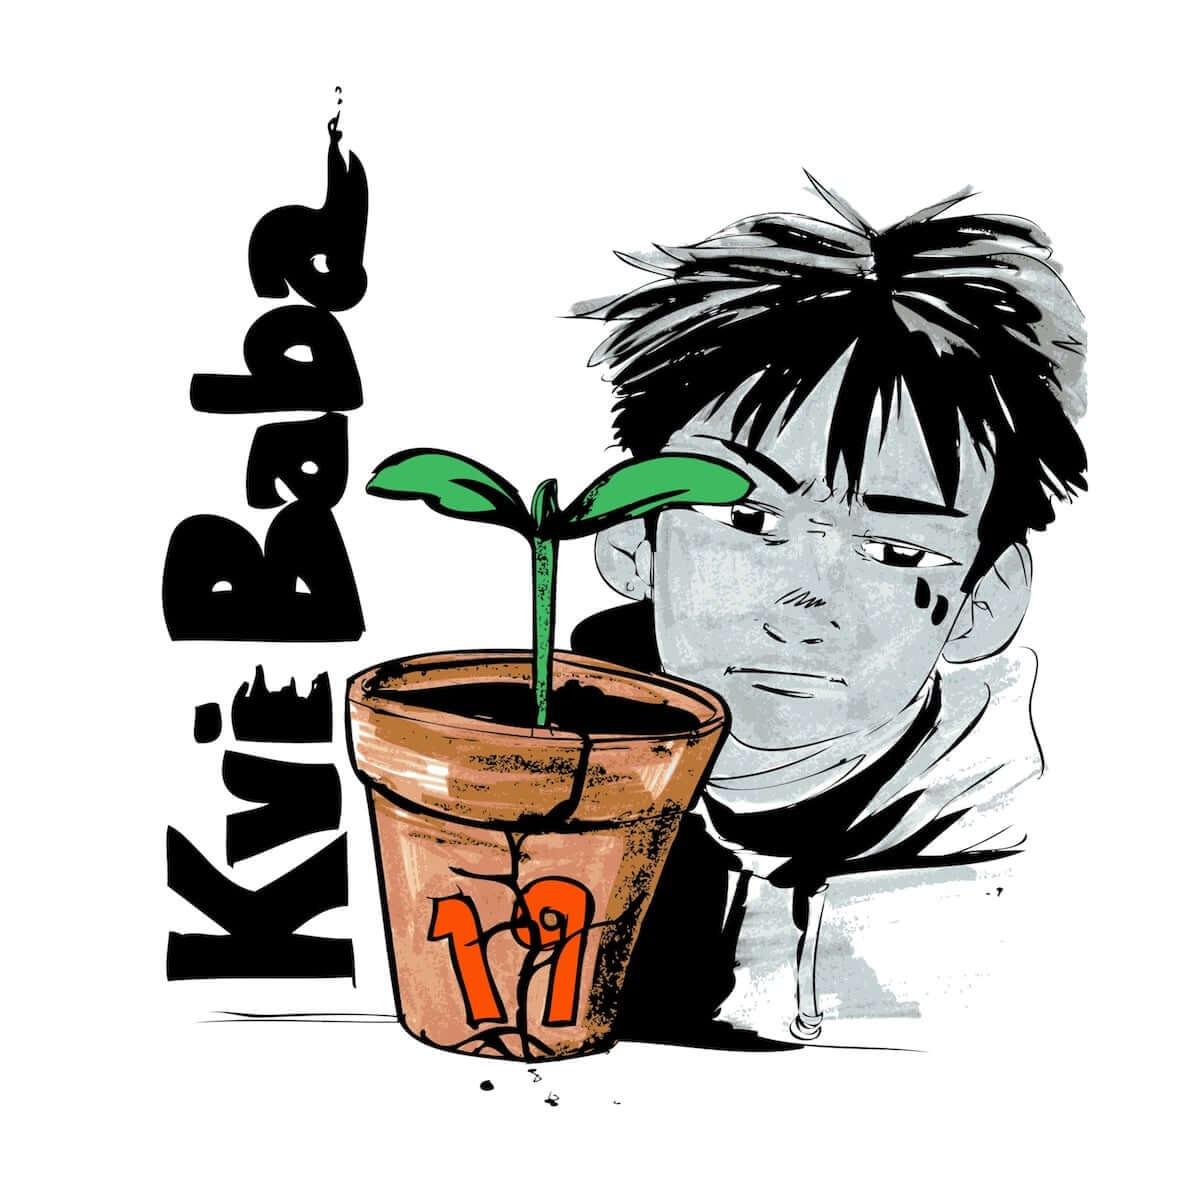 Kvi Baba、早くも2nd EP「19」から先行曲『A Bright feat. SALU』をリリース|作品にはBACHLOGICやGaius Okamoto、Minchanbabyが参加 music190226-kvibaba-21-1200x1200